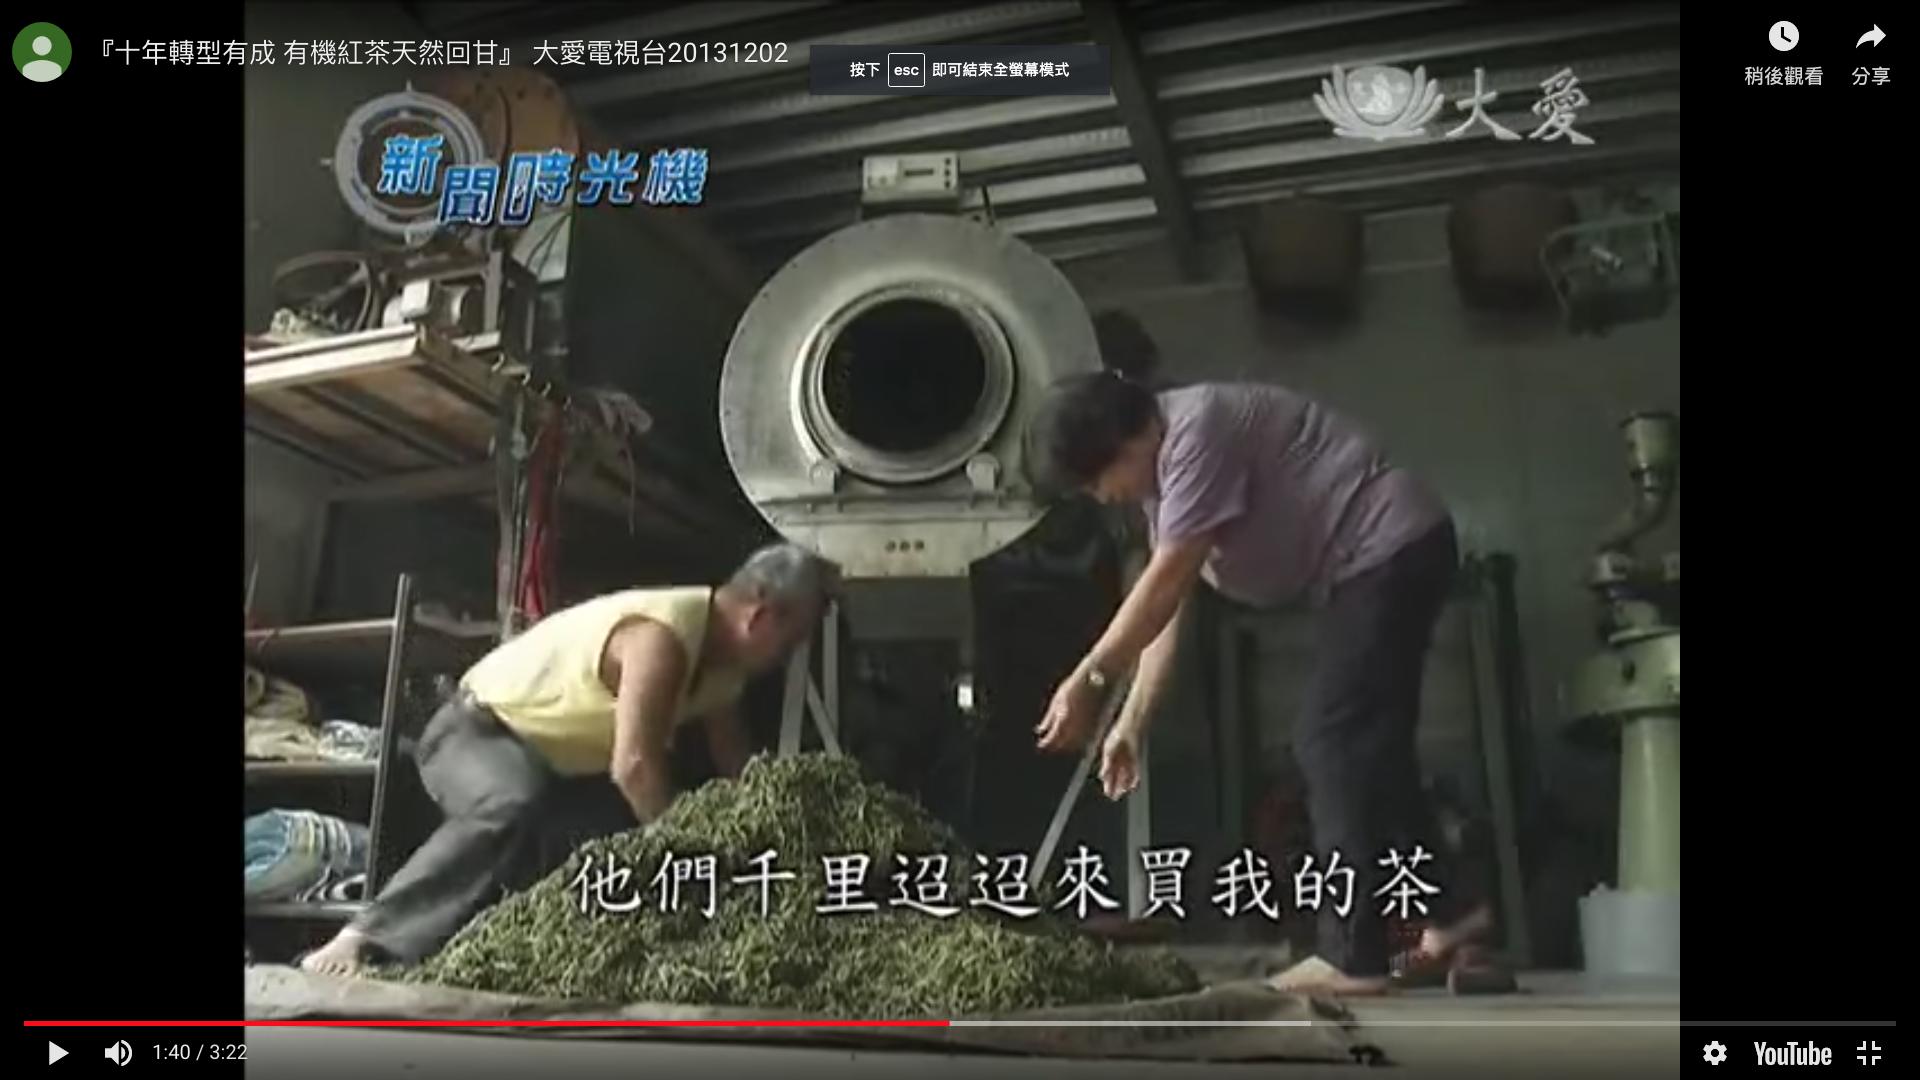 『十年轉型有成 有機紅茶天然回甘』 大愛電視台20131202